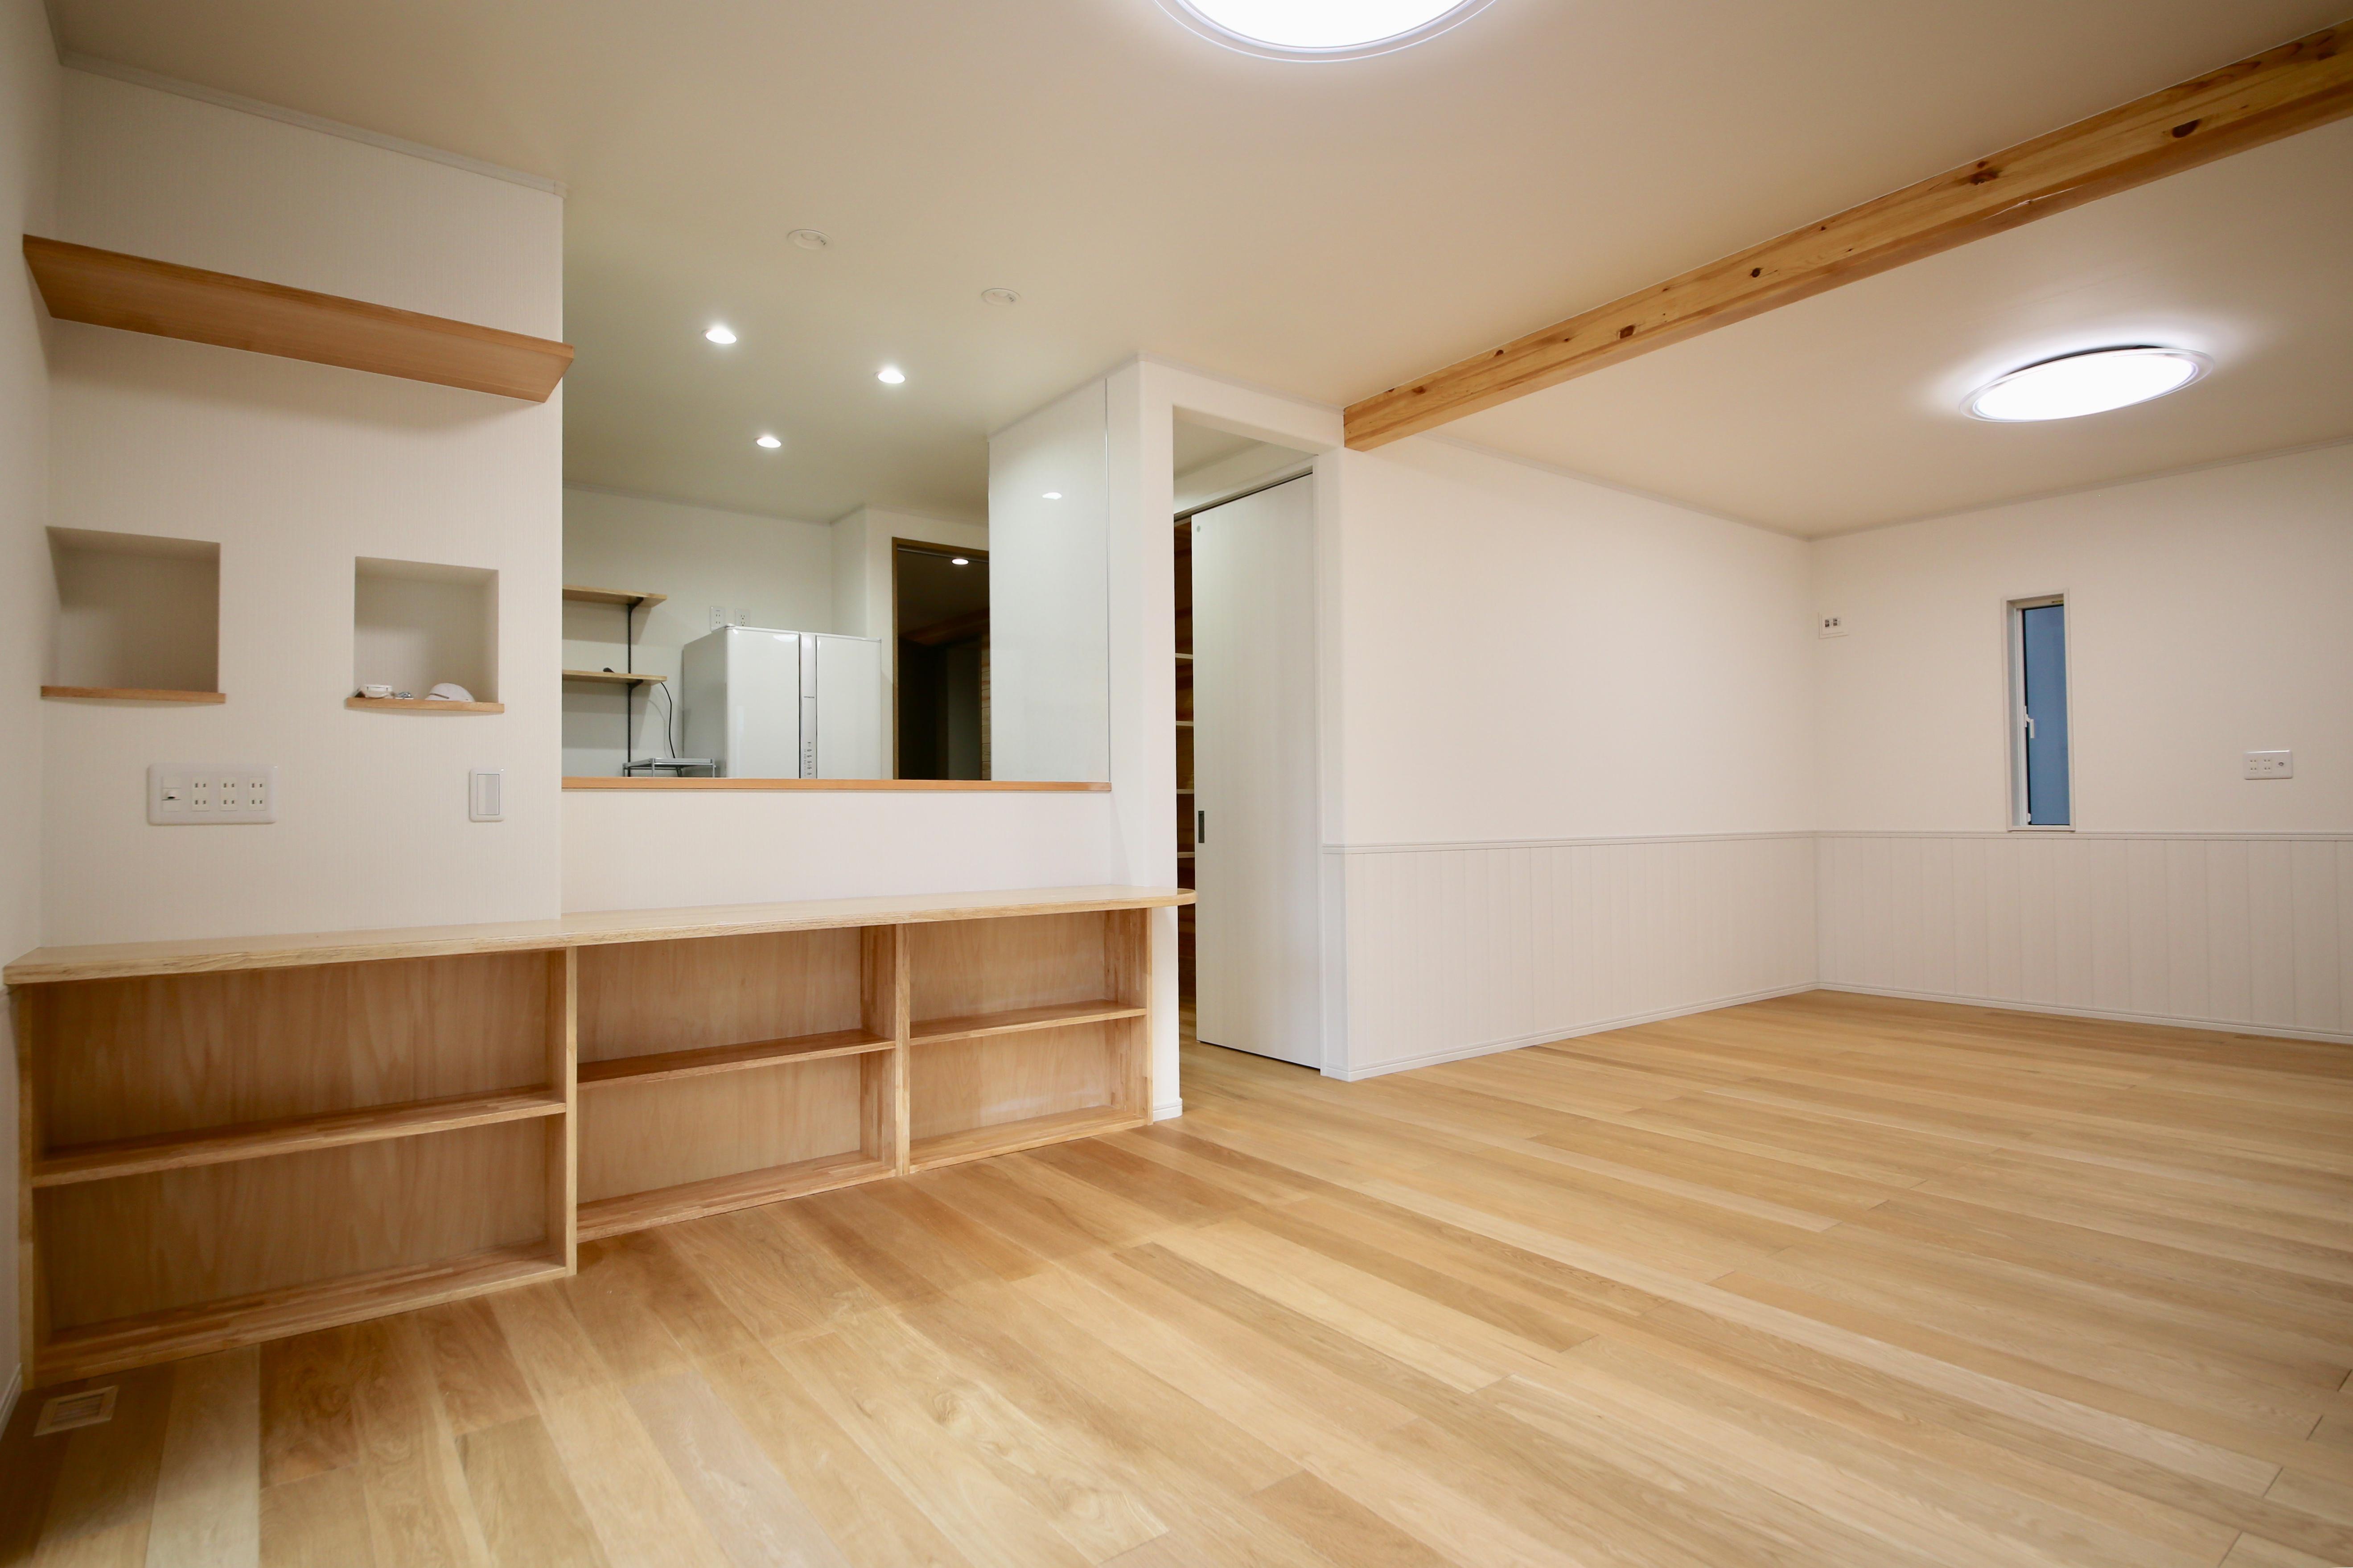 広々としたLDK。床はオーク。造作の棚やカウンター、現しにした梁など随所に木の温もりがあふれる